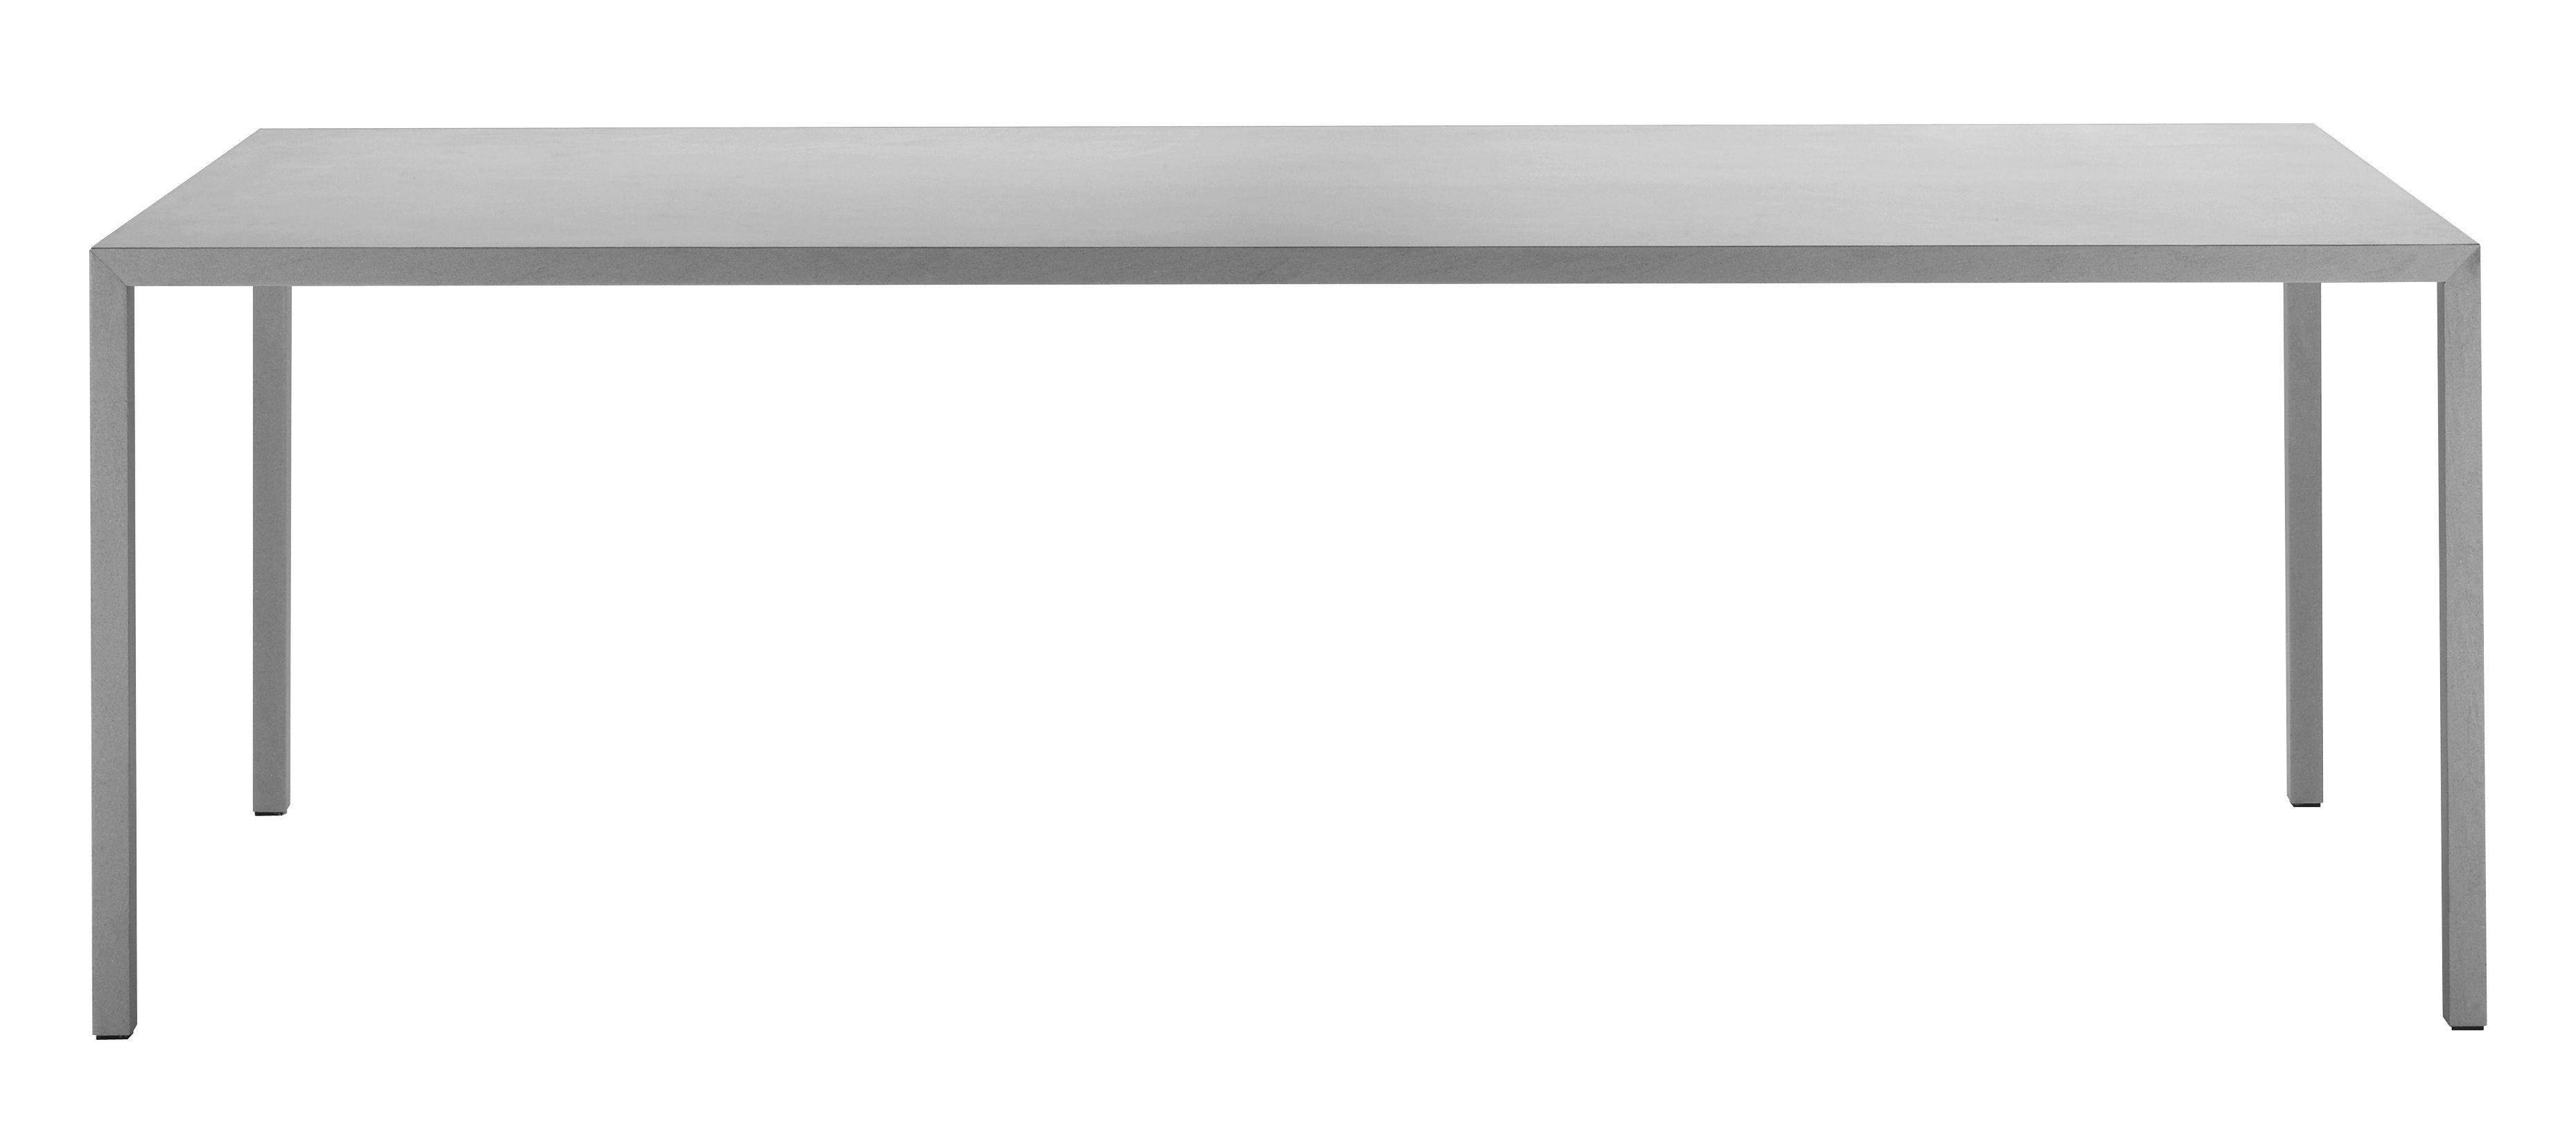 Arredamento - Tavoli - Tavolo Tense Material / 90 x 200 cm - Pietra - MDF Italia - Pietra grigia - Pannello composito, Rivestimento in pietra ricostruita